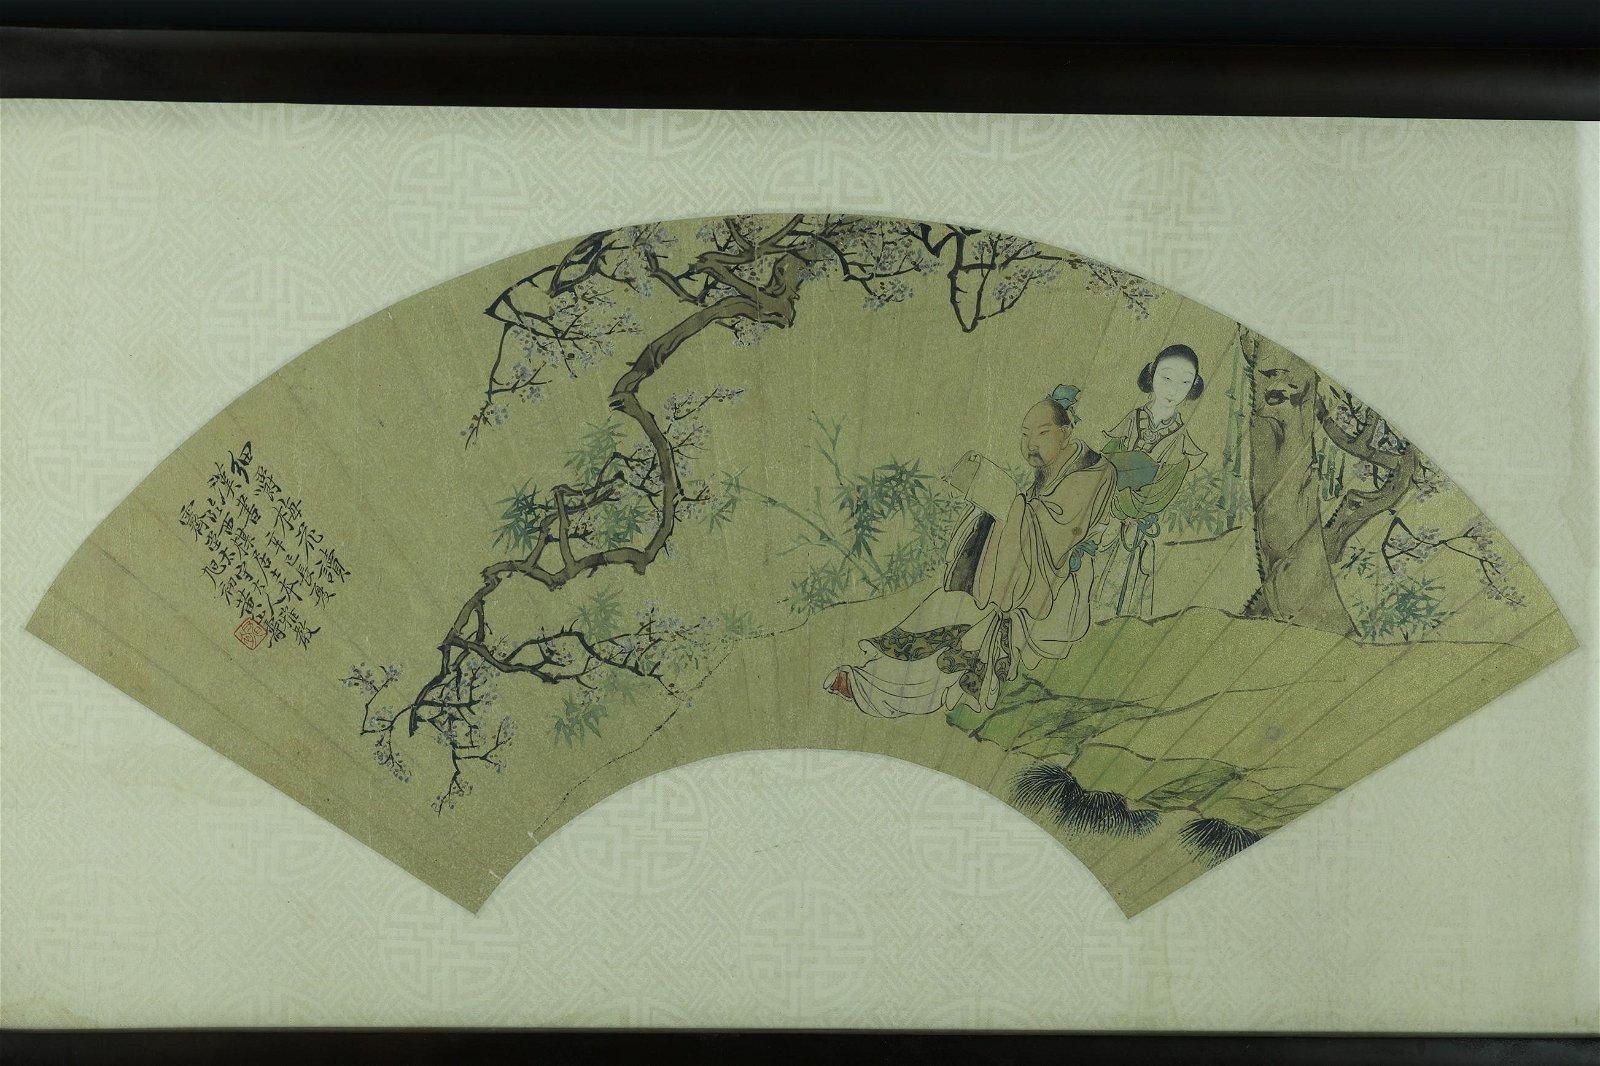 Huang Shang Shou (1855-1919) late Qing Dynasty